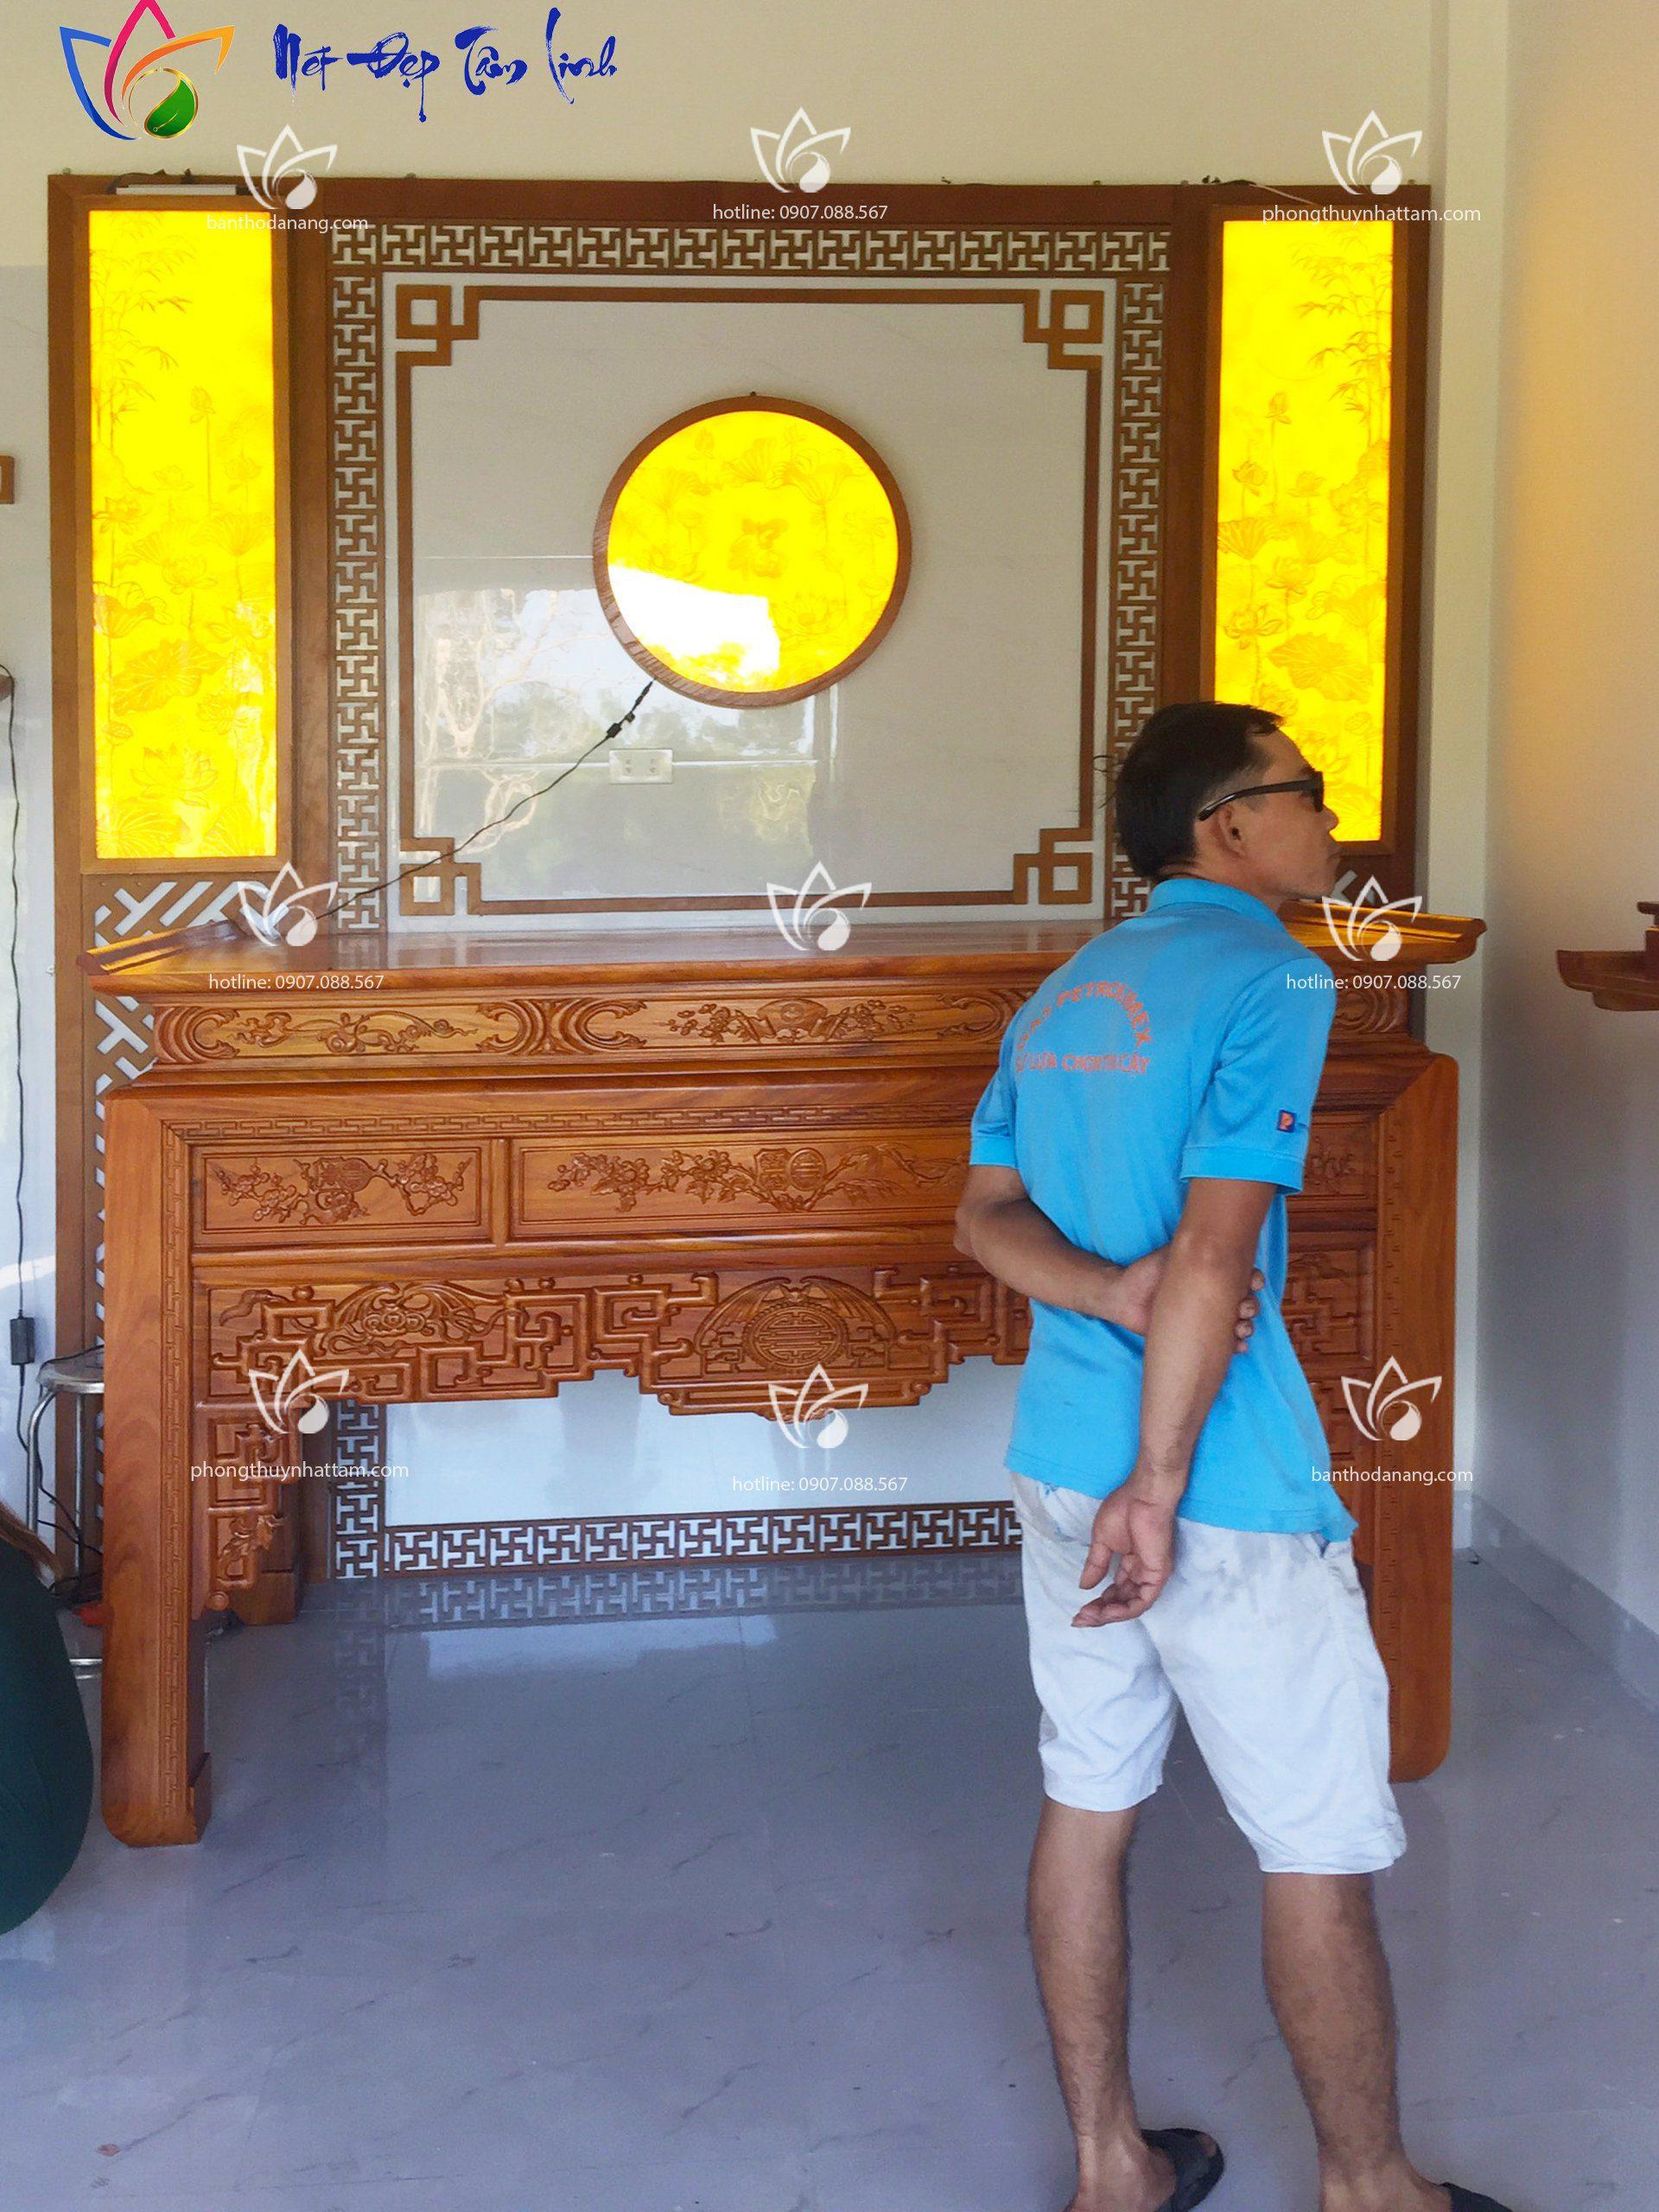 bàn thờ gõ gõ hiện đai